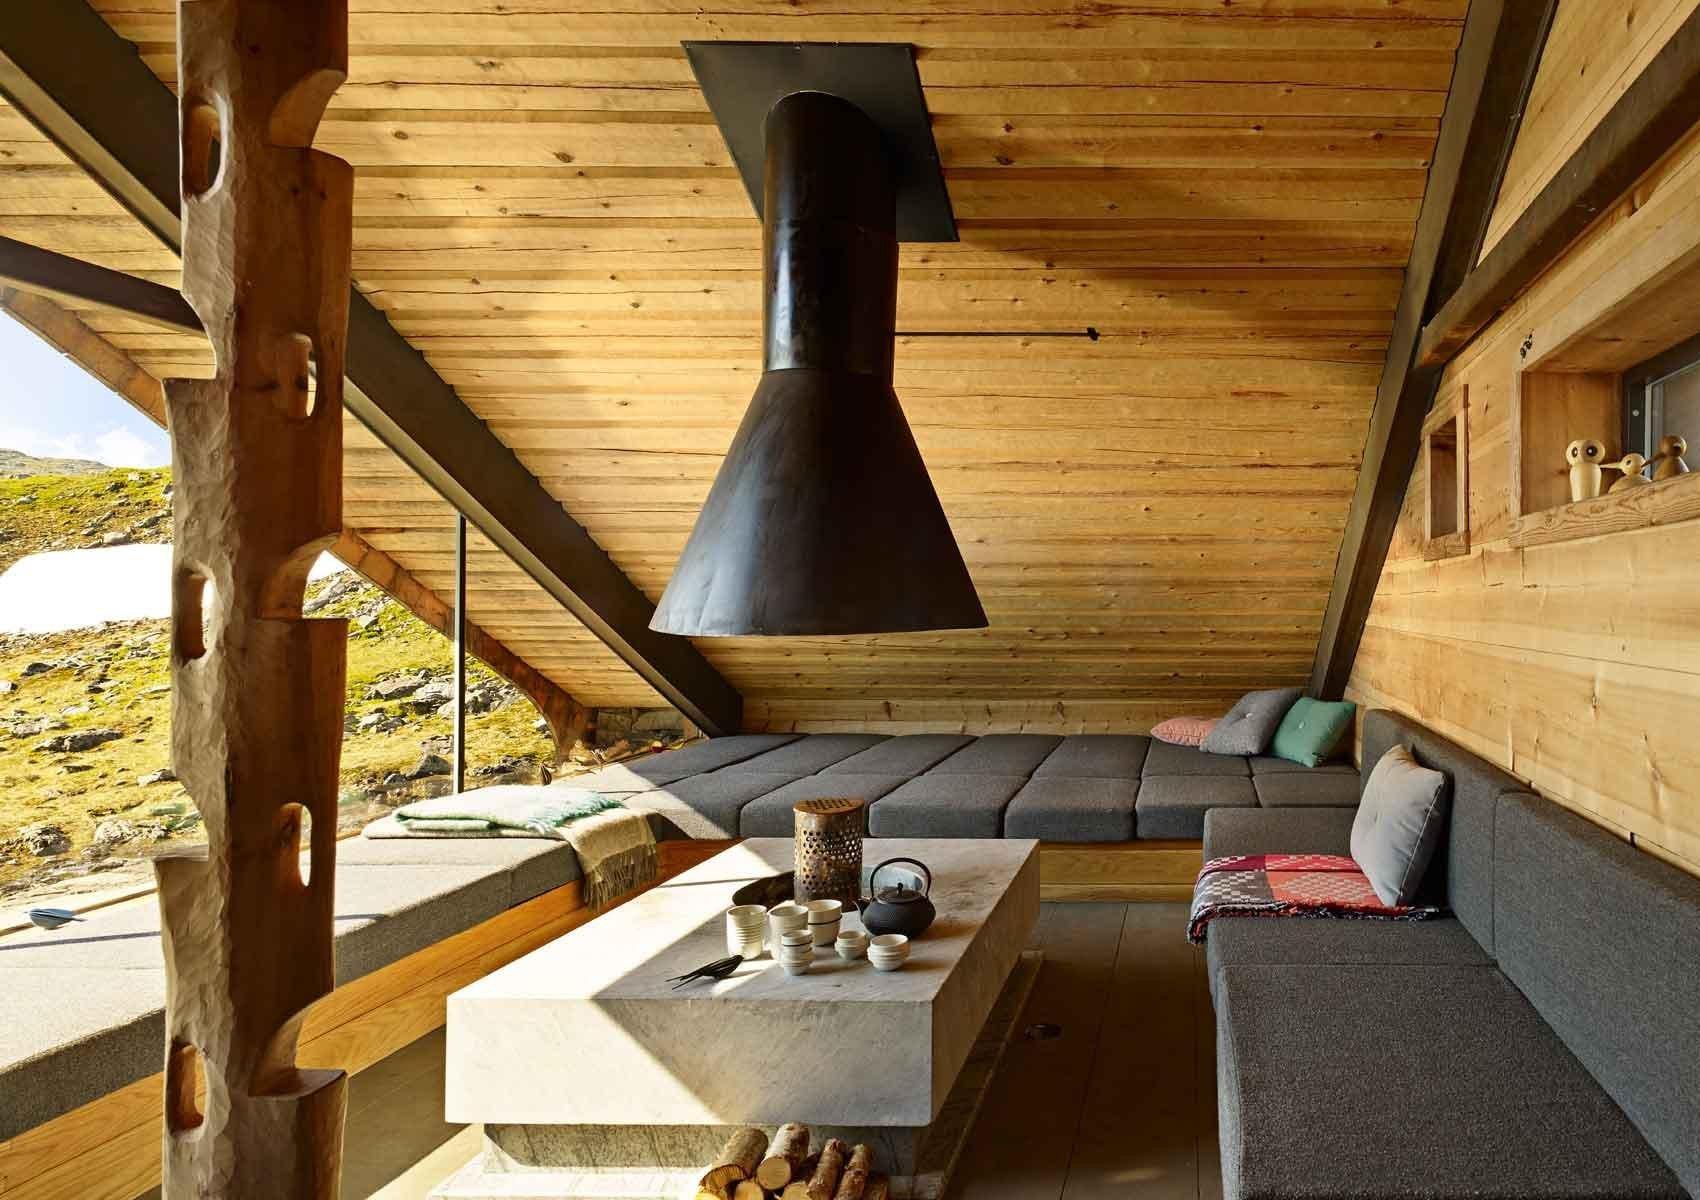 Pozoruhodná ručně postavená norská chatka, postavená na ještě pozoruhodnějším místě, na samotě, u samého konce fjordu. Střechu má porostlou trávou a postavena je ze dřeva a kamení. Z dáli byste ji skoro přehlédli, jak skromná je a zapadá do okolí. Chatka stojí poblíž fjordu Åkrafjorden v západní části Norska.